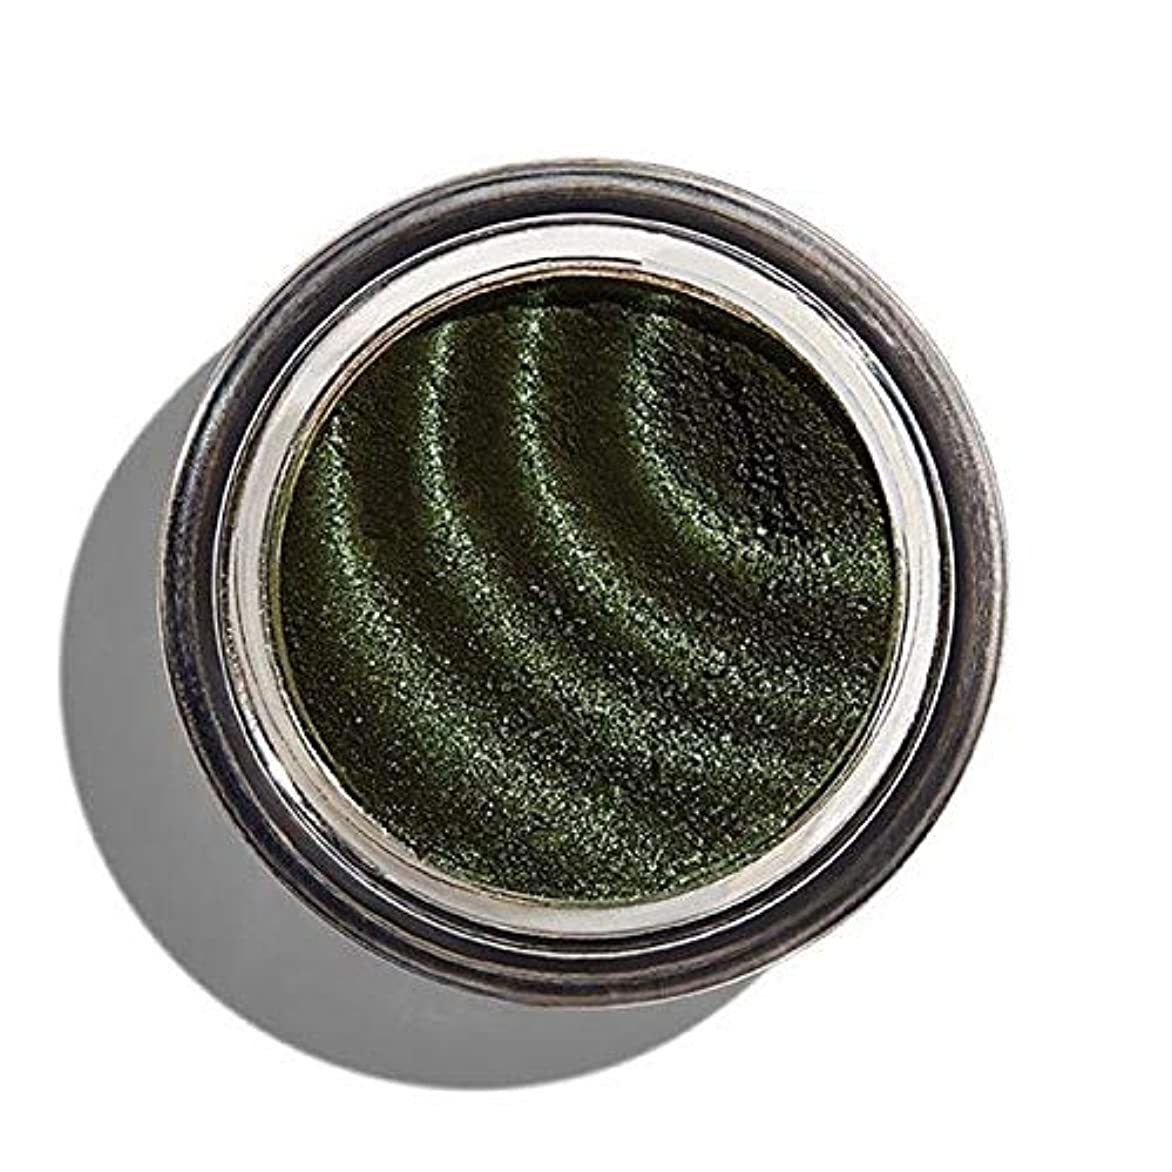 鬼ごっこ危険にさらされている句読点[Revolution ] 化粧回転磁化のアイシャドウグリーン - Makeup Revolution Magnetize Eyeshadow Green [並行輸入品]